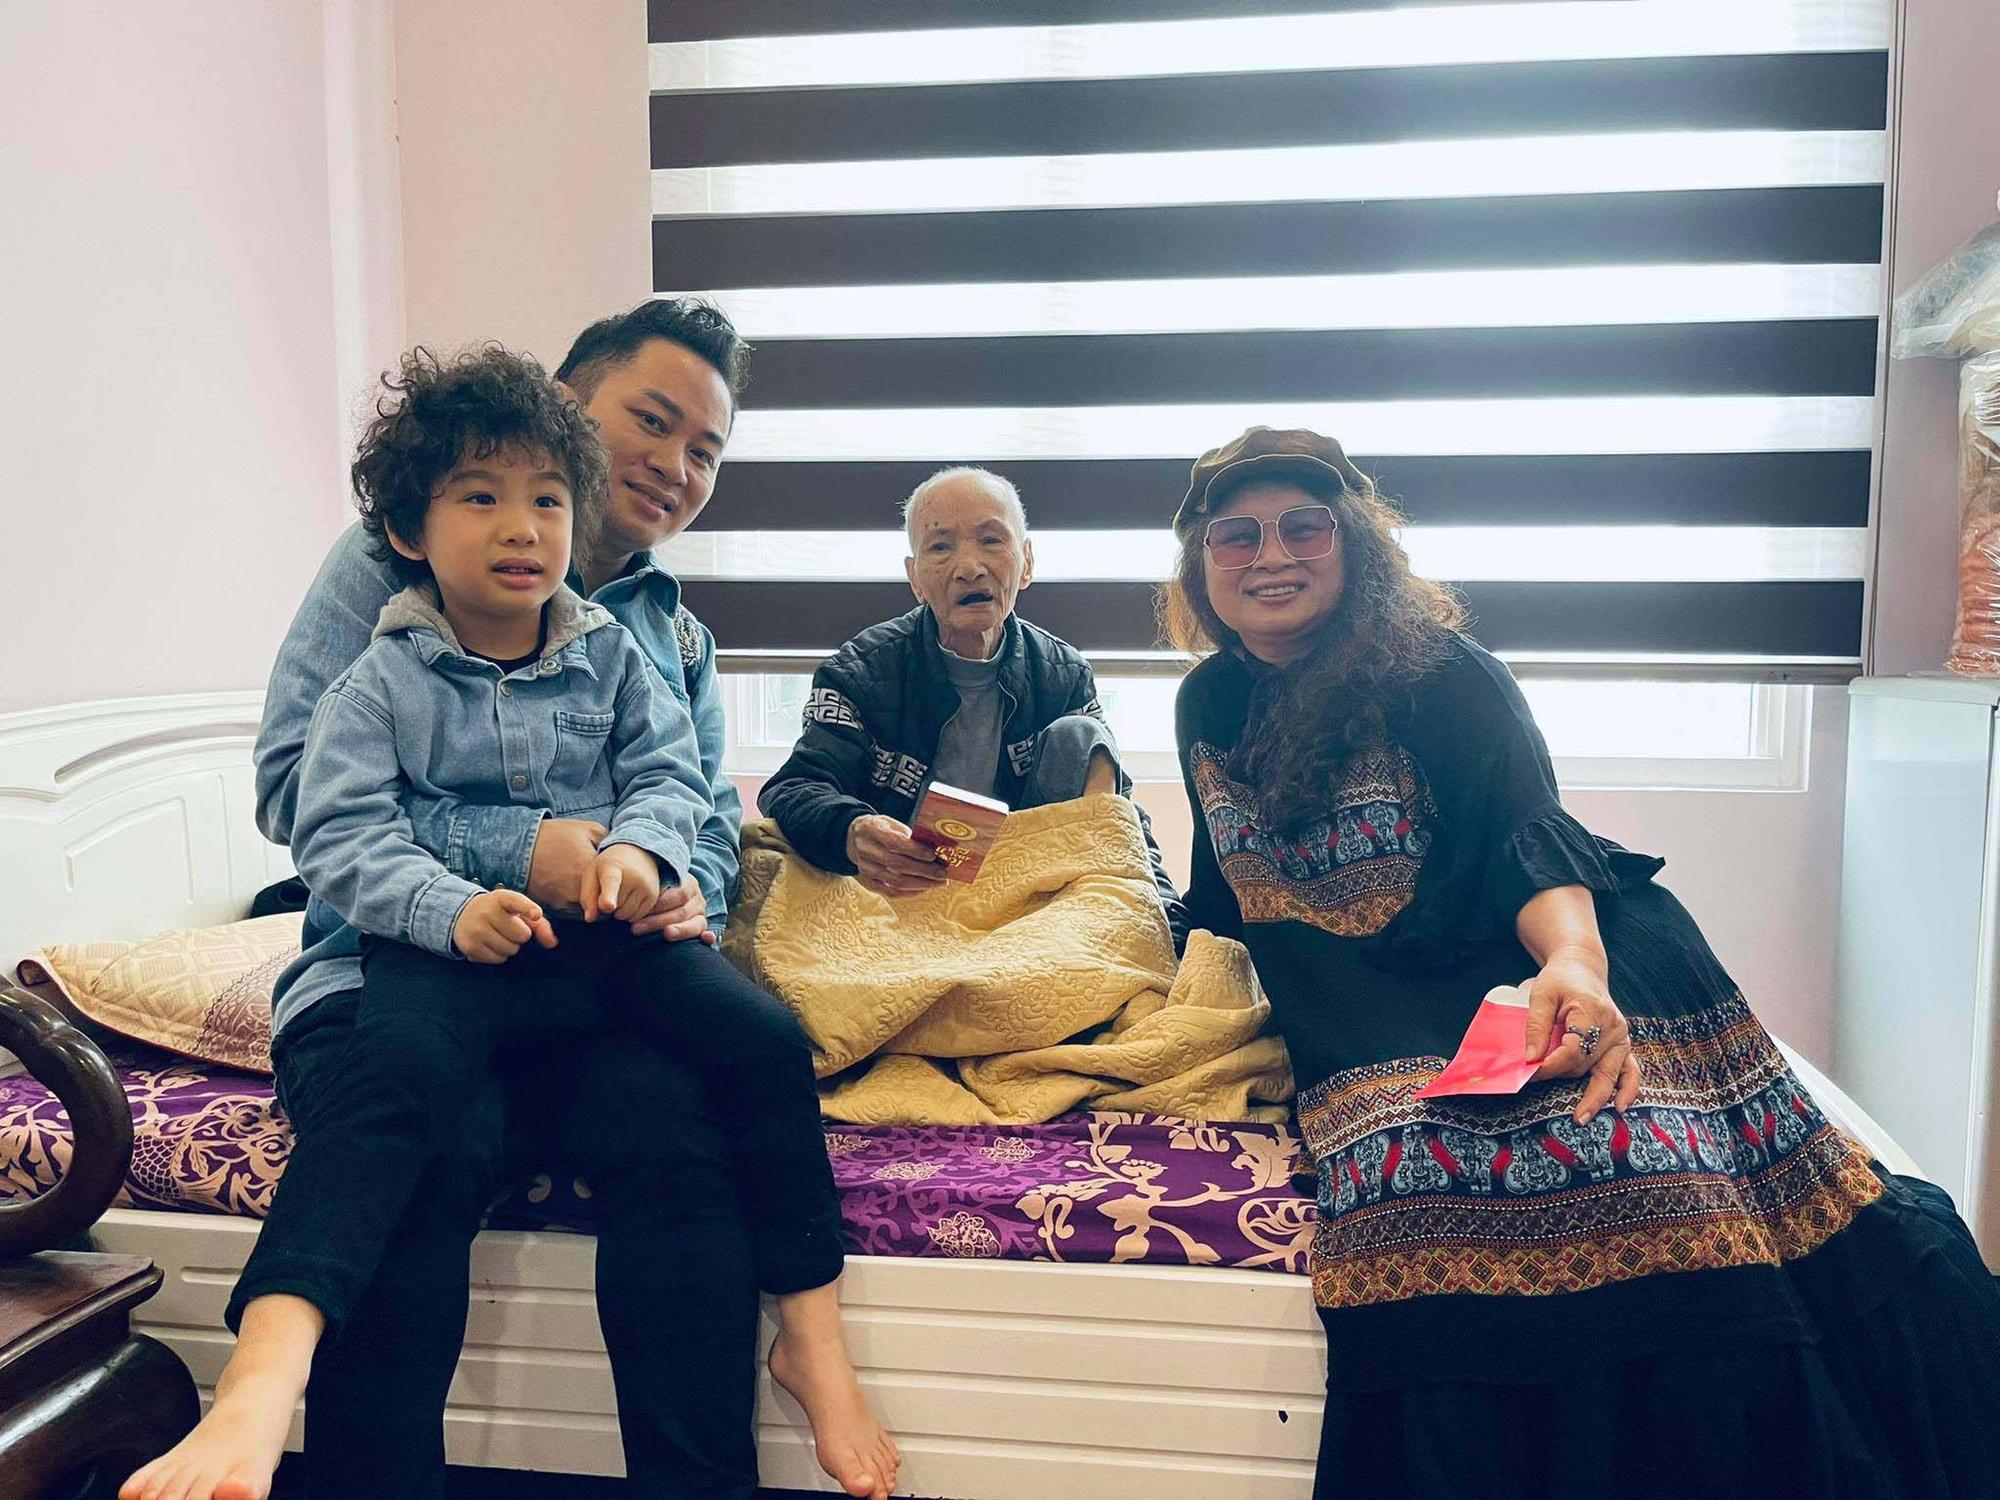 Ngày 8/3 Tùng Dương chia sẻ về ba người phụ nữ đặc biệt trong đời mình - Ảnh 3.